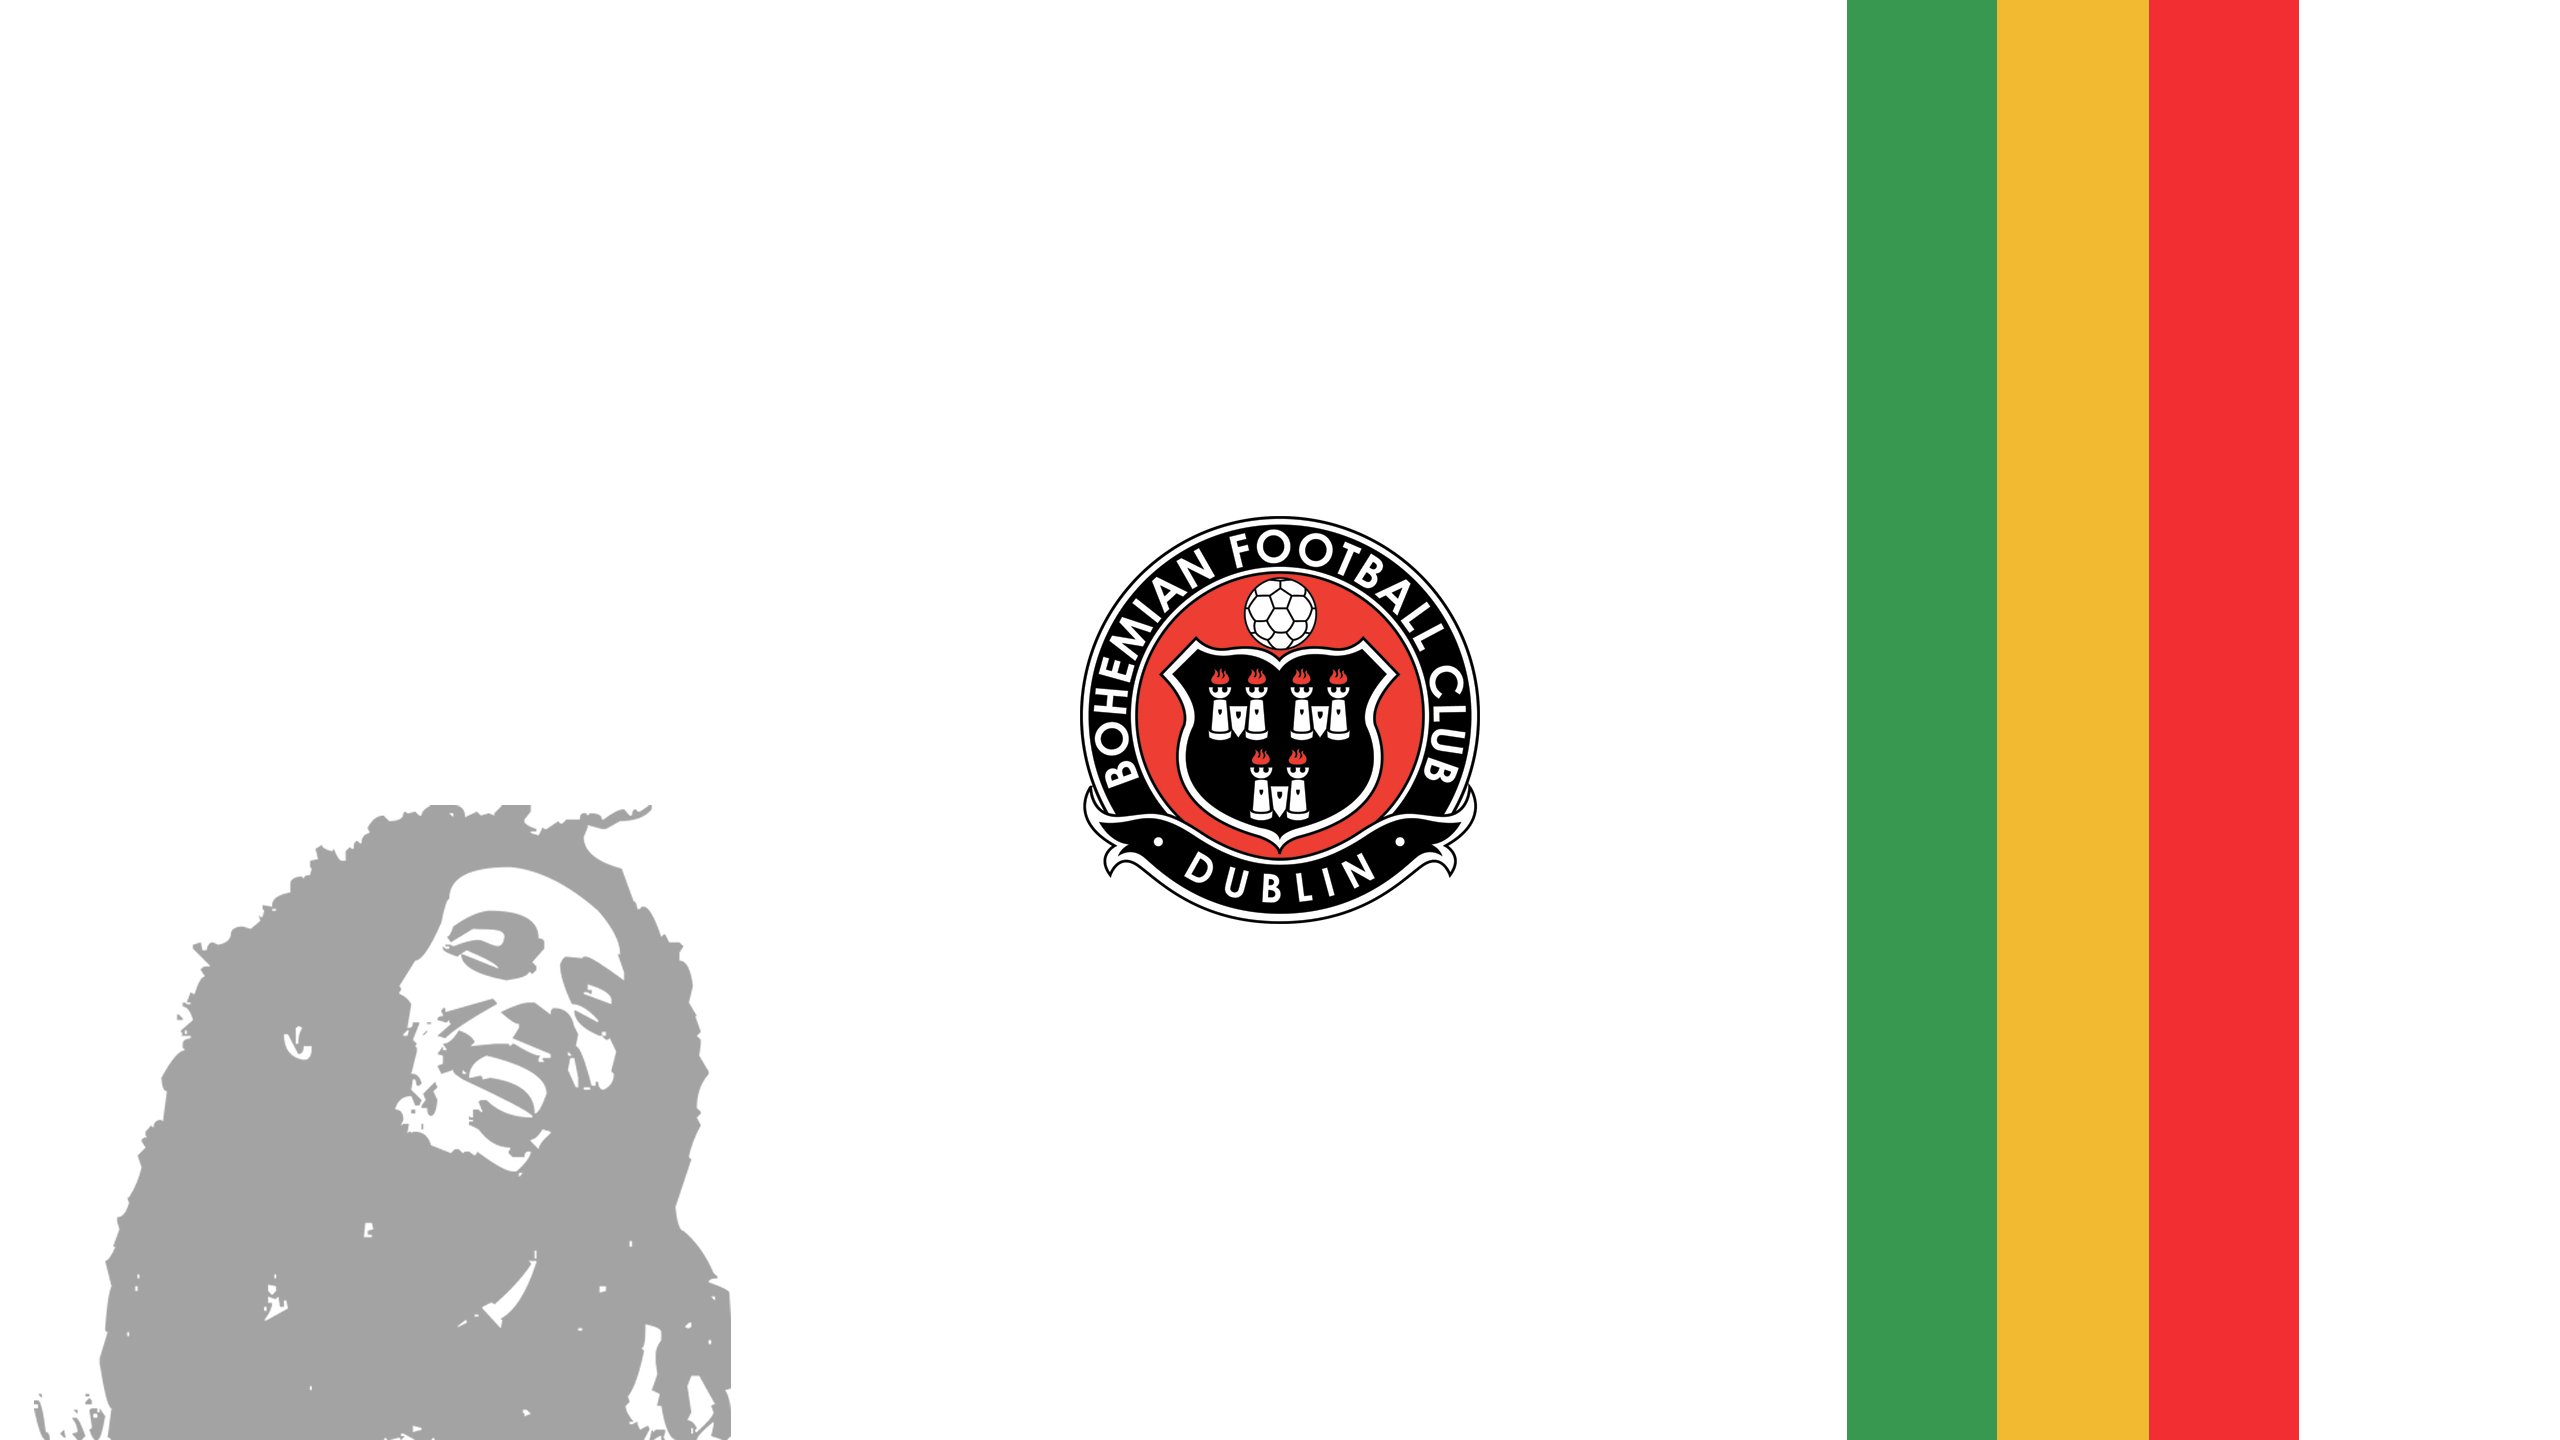 Bohemian FC (Away)